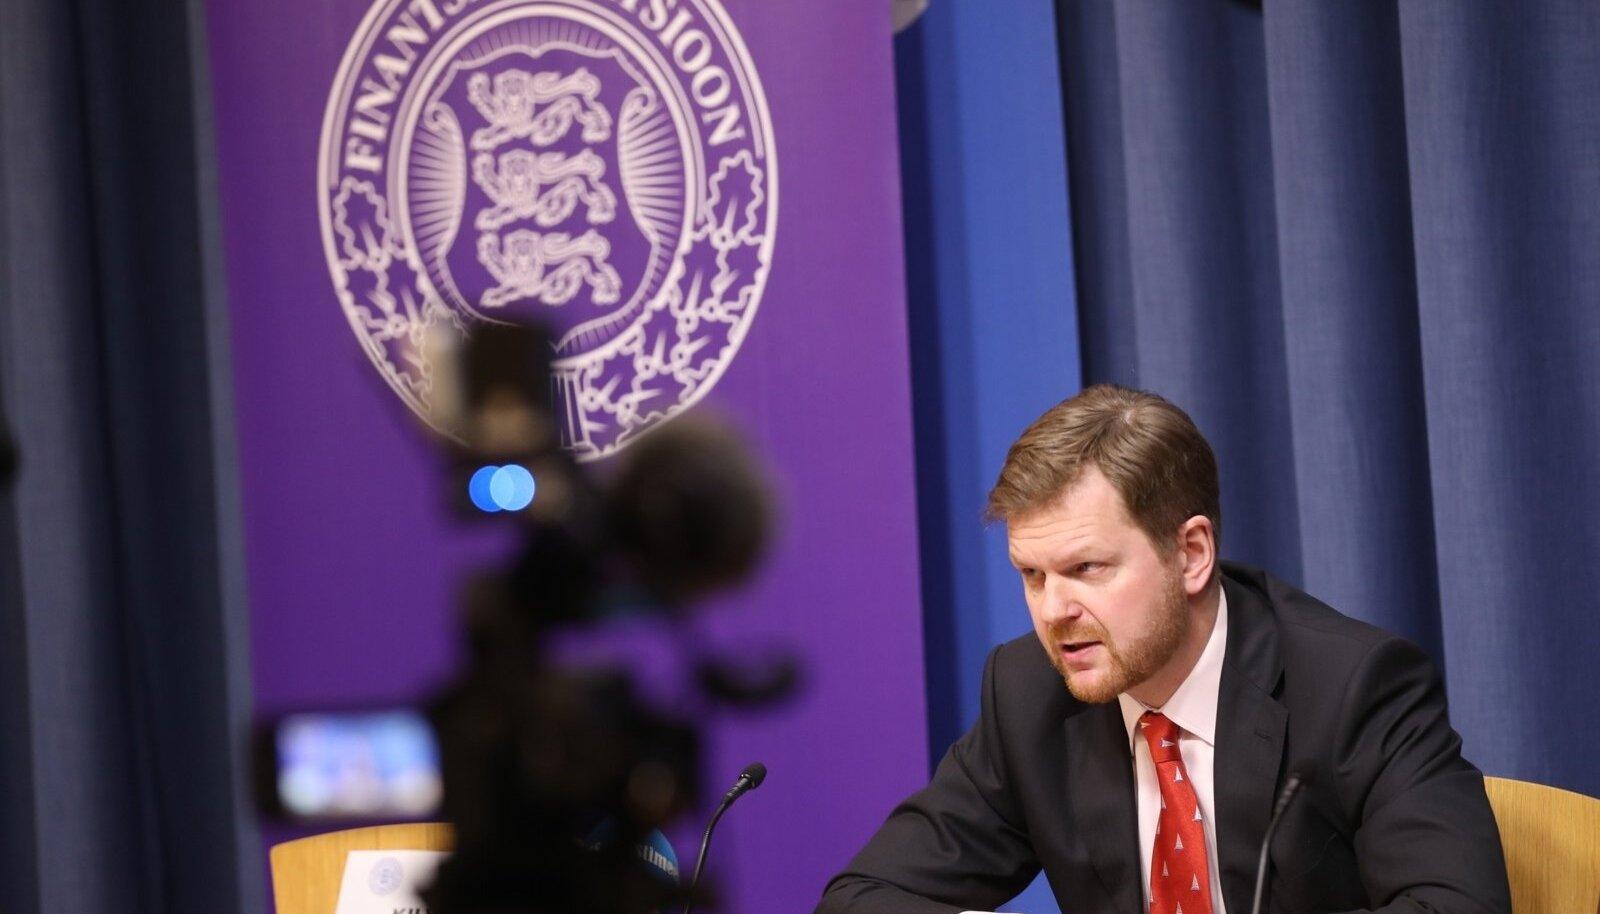 KILVAR KESSLER: Finantsinspektsiooni juht muretseb, et krüptoäriga seotud skandaalid võivad hakata kahjustama Eesti mainet.